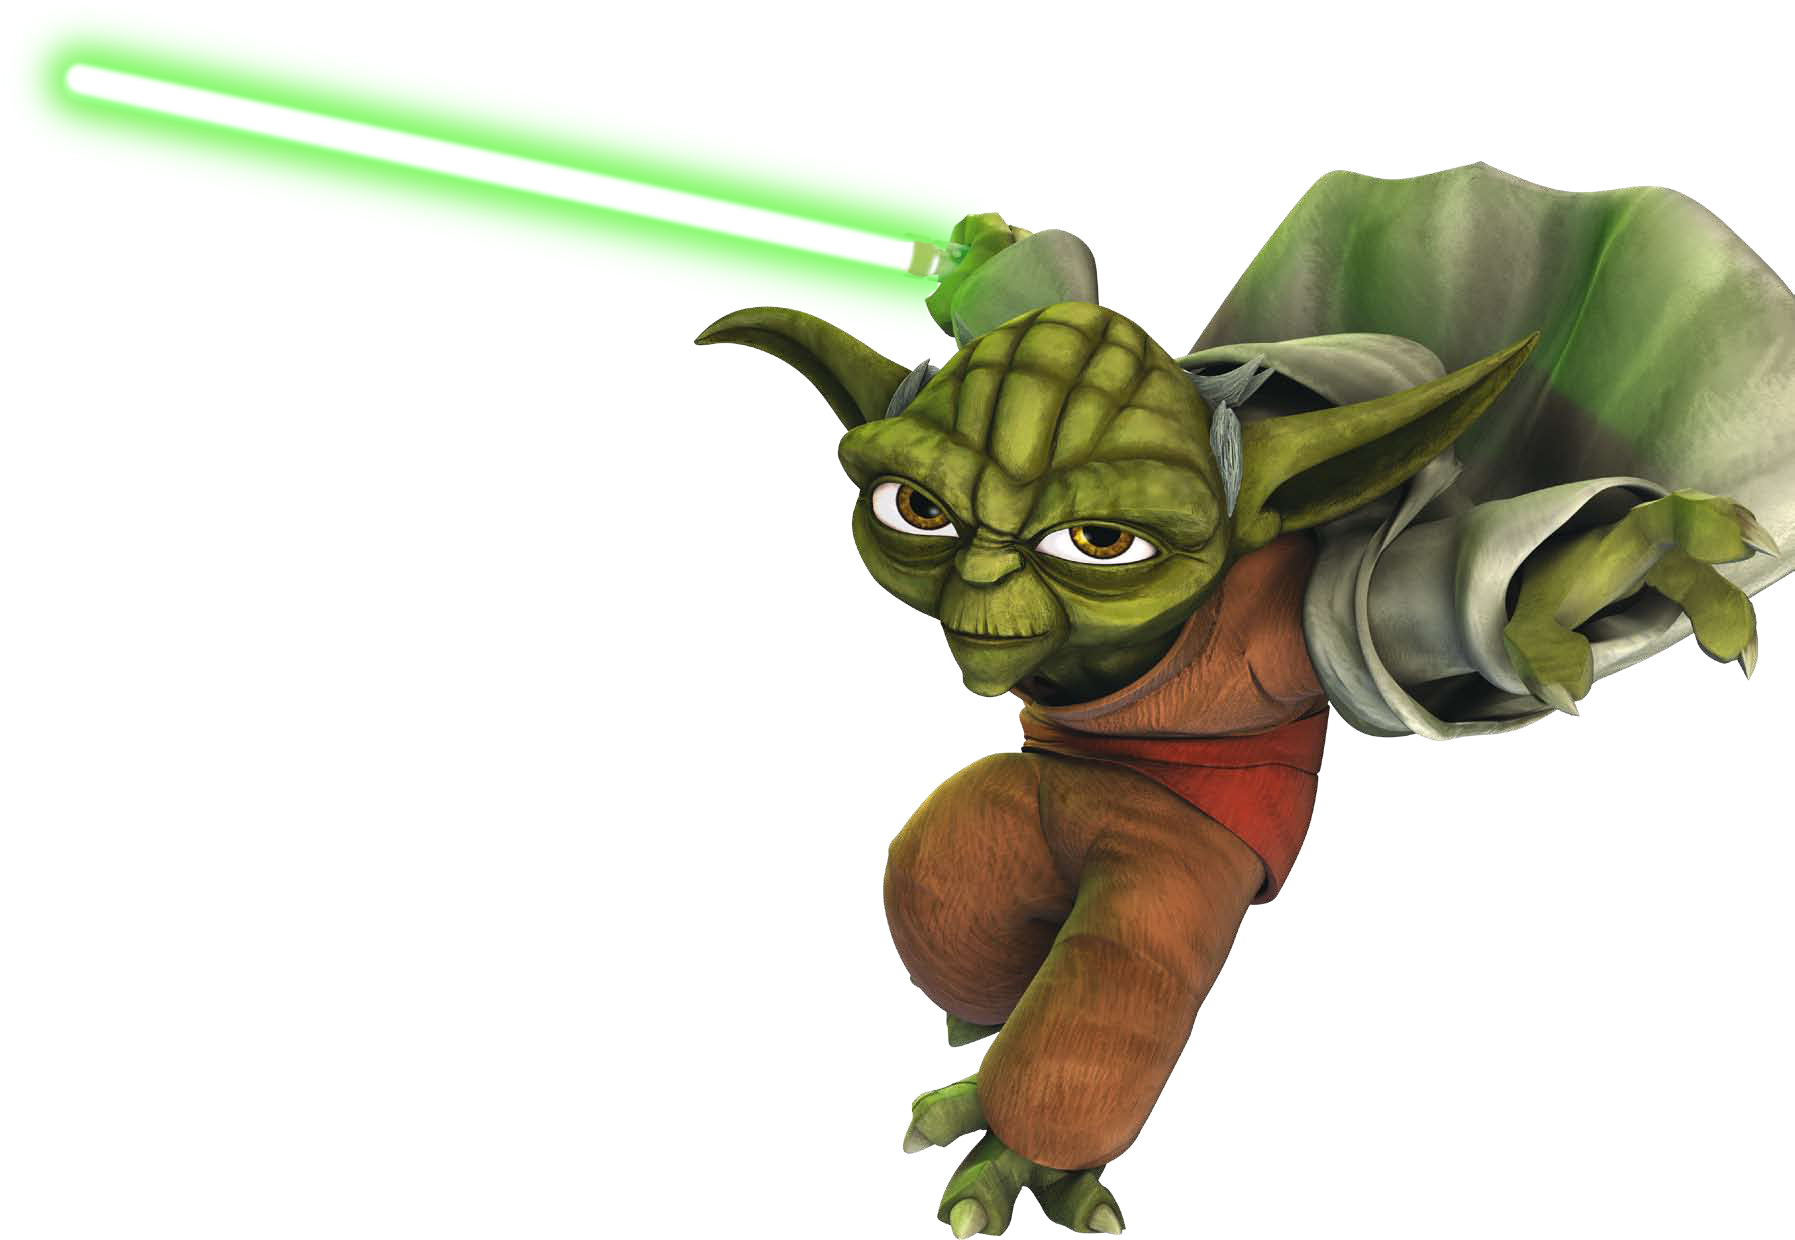 Star Wars The Clone Wars Anakin Skywalker Dark